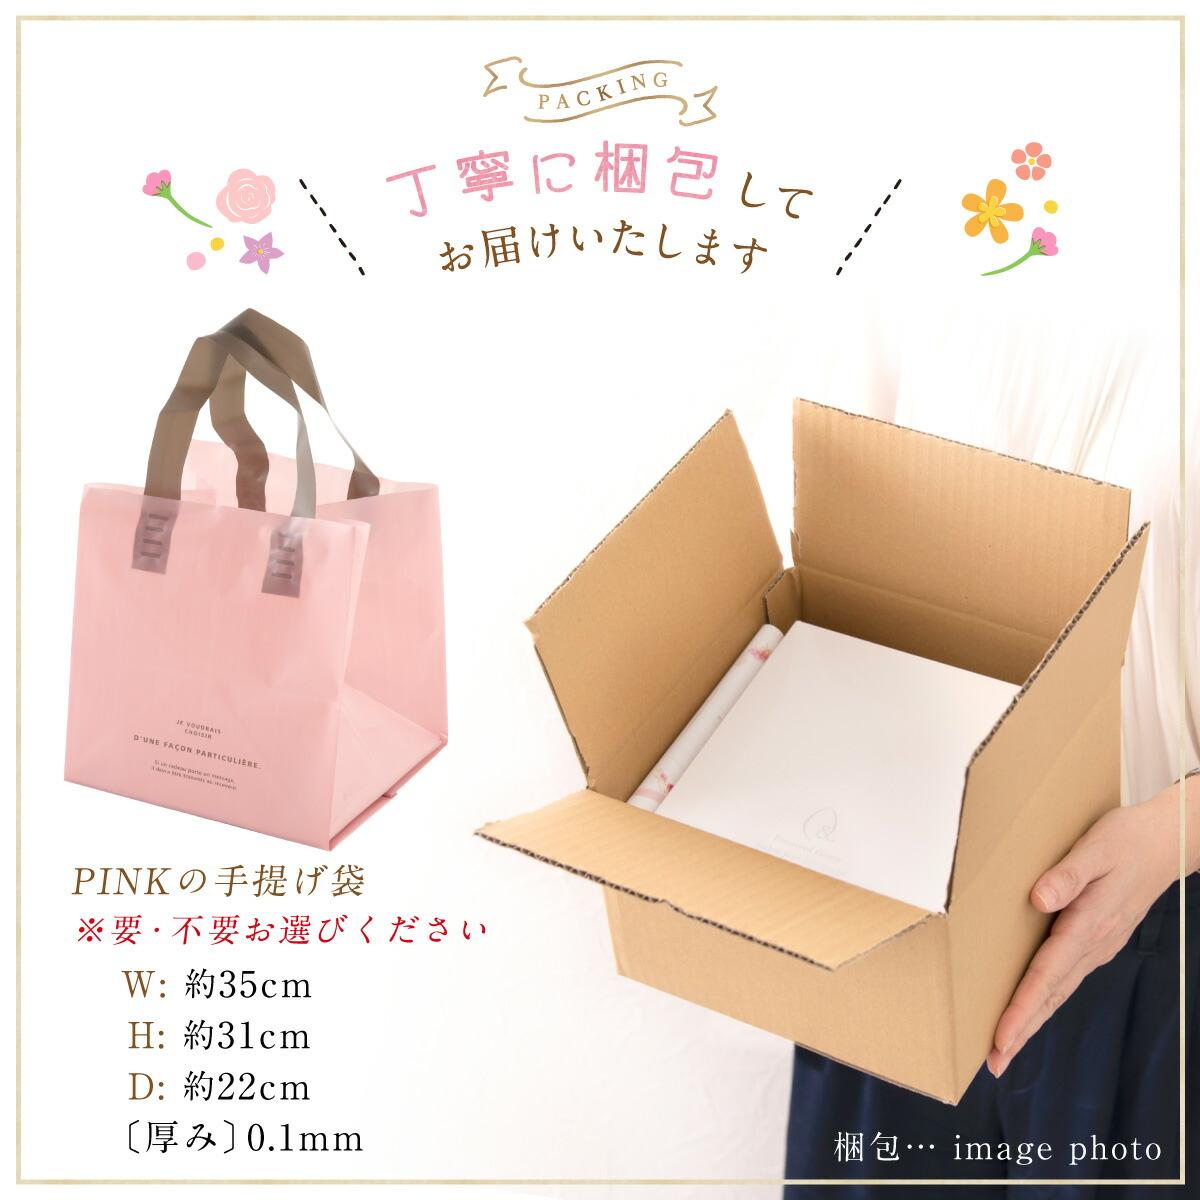 丁寧に梱包してお届けいたします。プレゼントに最適な手提げ袋を無料でおつけいたします